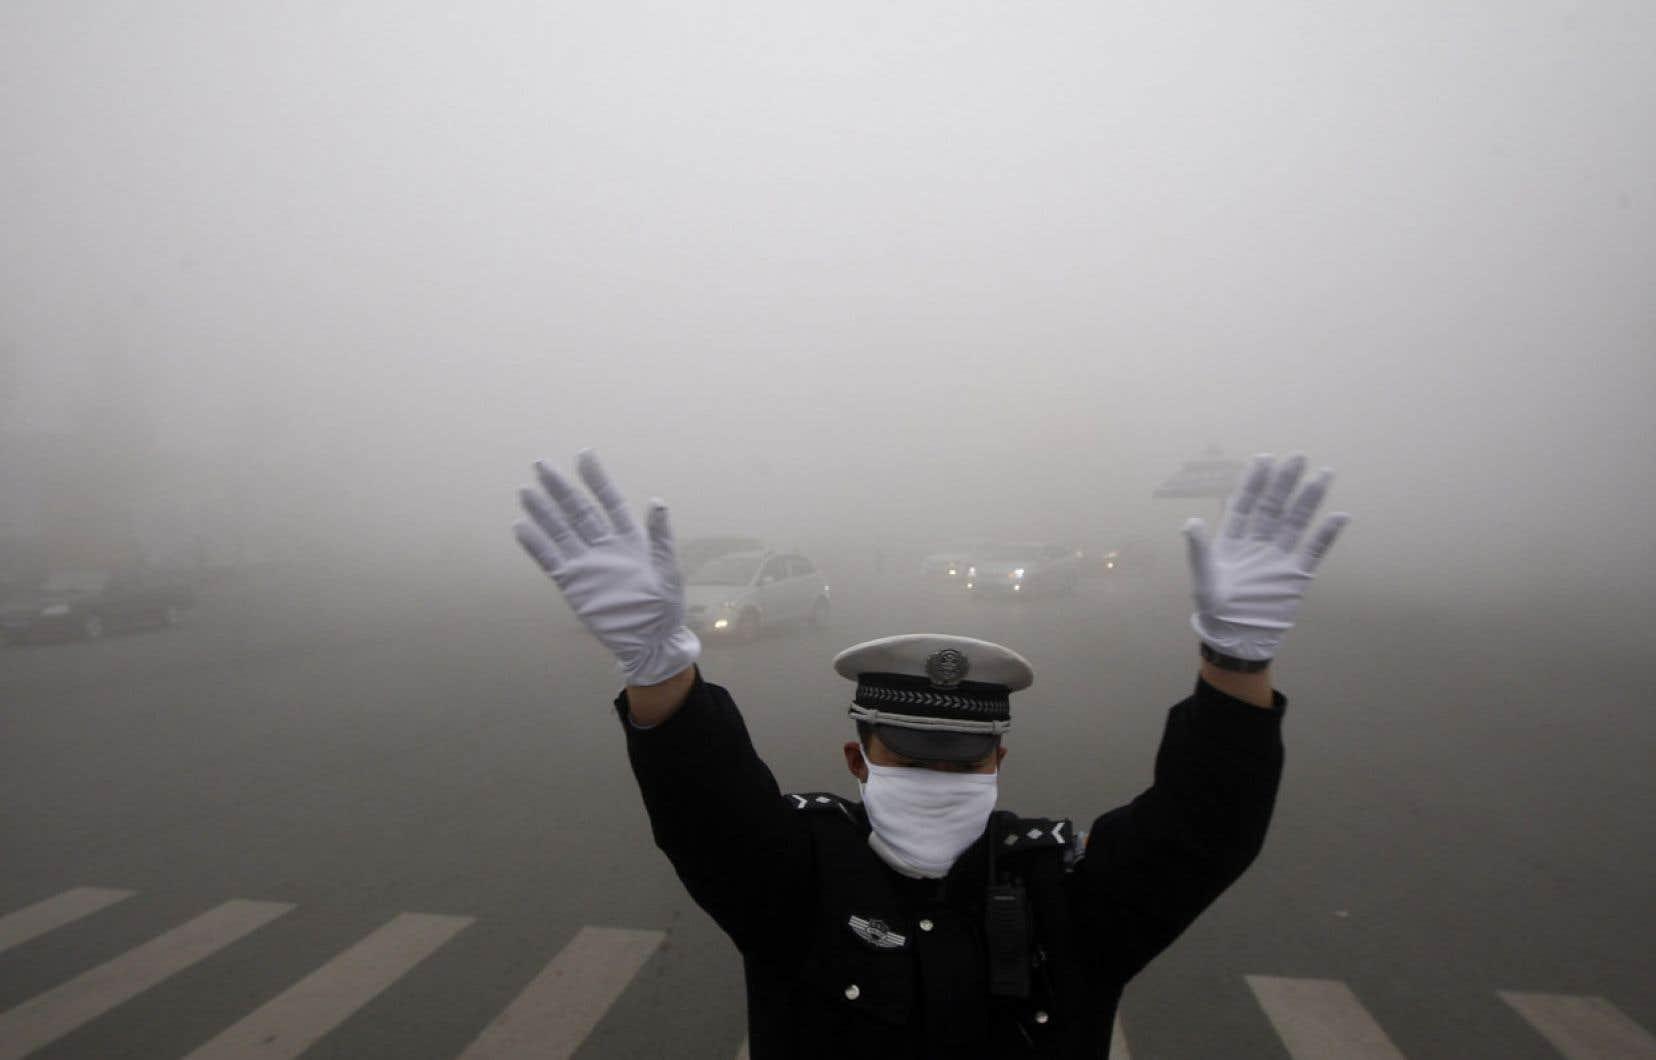 La consommation du charbon se concentre en bonne partie dans la production d'énergie en Chine, où sont fabriqués de plus en plus de produits consommés en Occident.